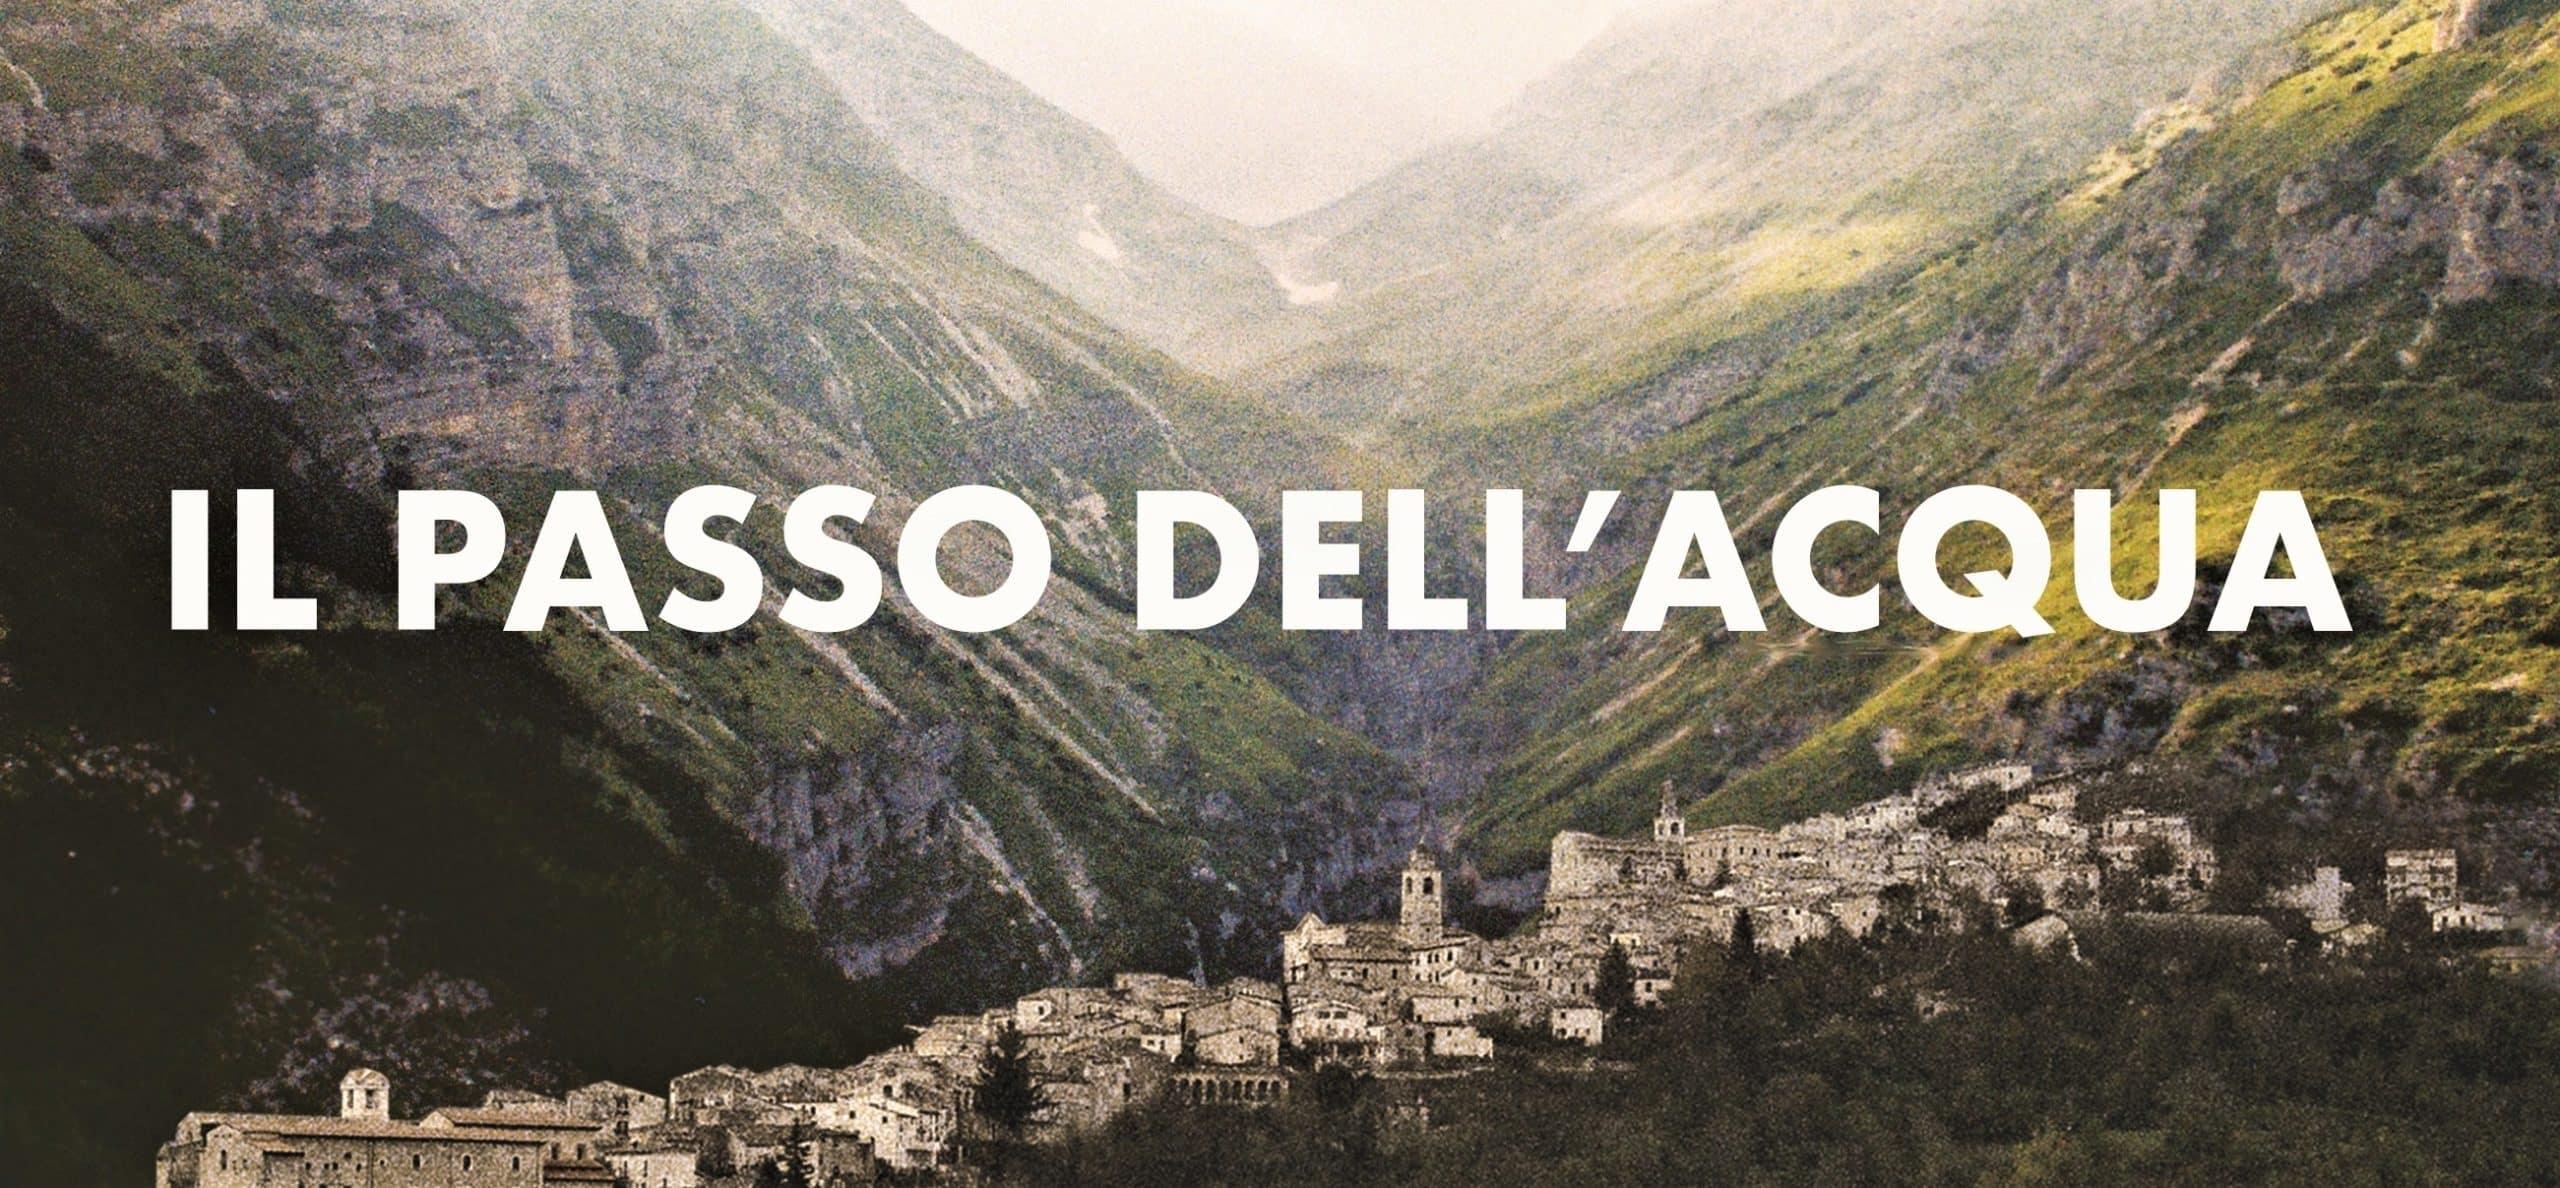 Il passo dell'acqua di Antonio Di Biase